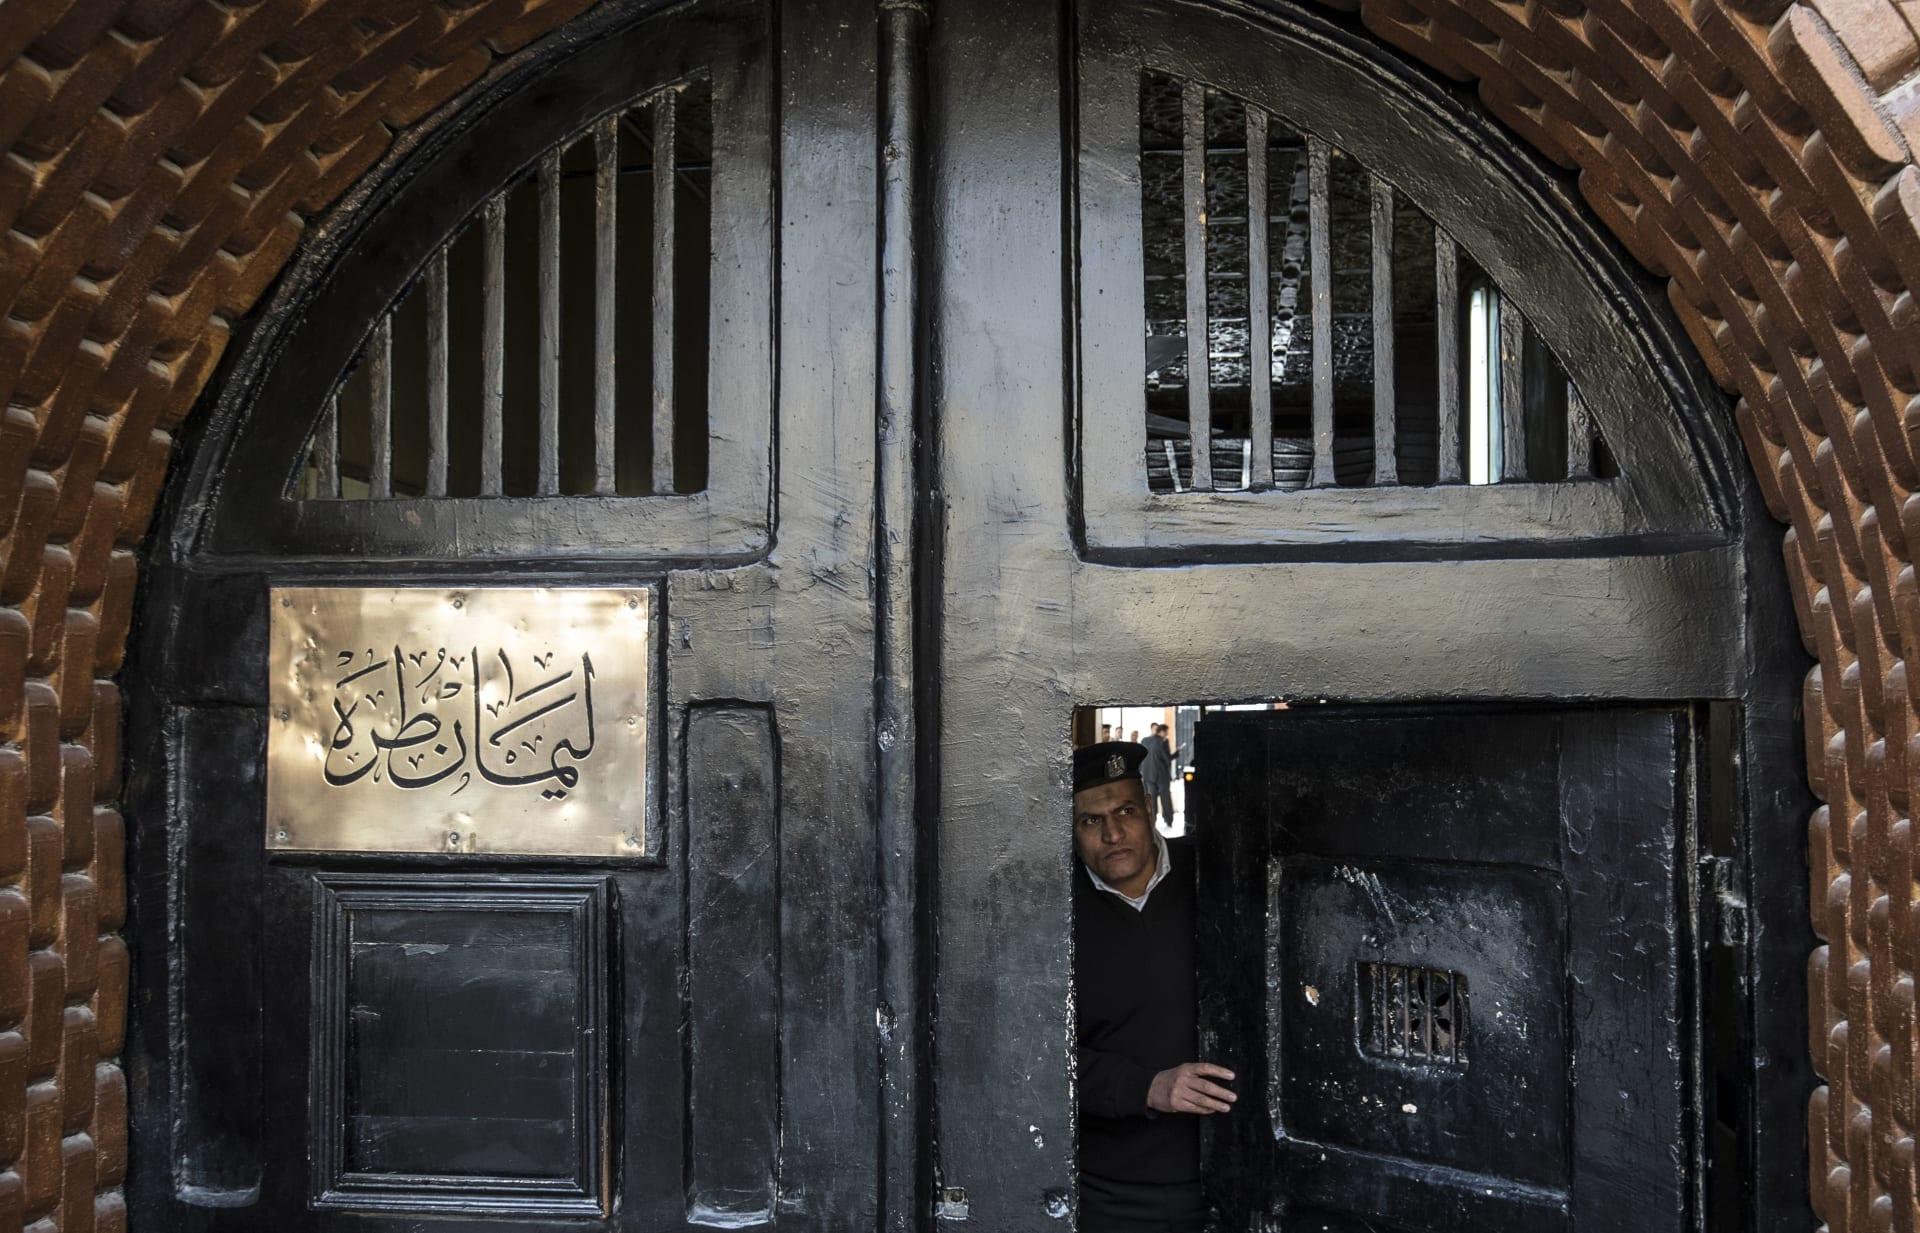 بتهم تتعلق بالتحرش والابتزاز والتعاطي.. النيابة العامة المصرية تحيل أحمد بسام زكي للمحكمة الجنائية